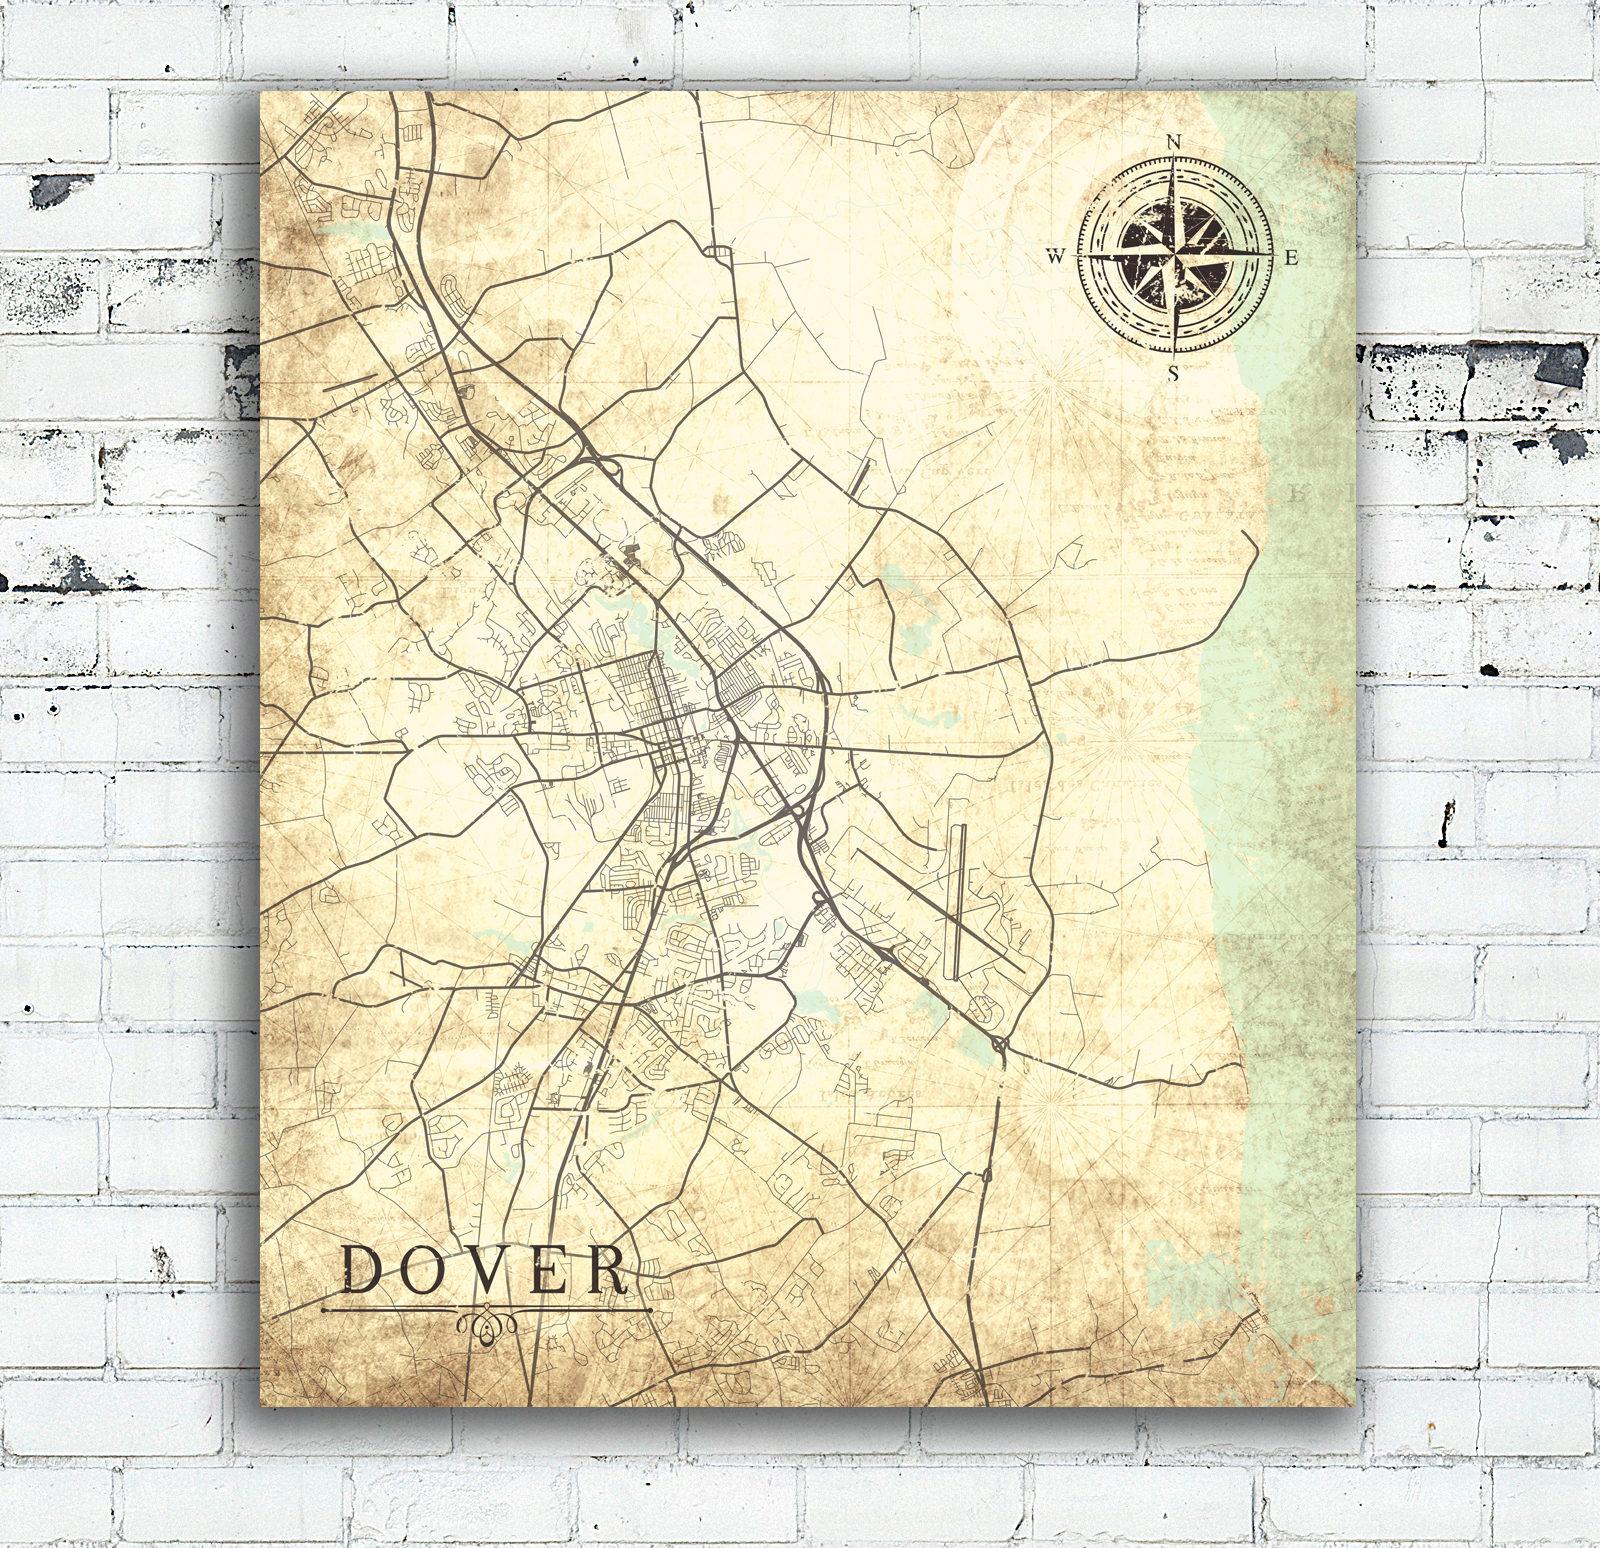 DOVER DE Canvas Print Delaware Vintage map Dover De Vintage ... on dover street map, dover nc map, i-95 delaware map, dover uk map, dover beach map, dover road map, dover vt map, dover ny map, dover fl map, dover delaware, delaware bay map, city of dover map, dover cruise terminal map, dover tn map, dover nh map, dover race track map, smyrna delaware street map, dover ohio map, dover nj map, dover mn map,